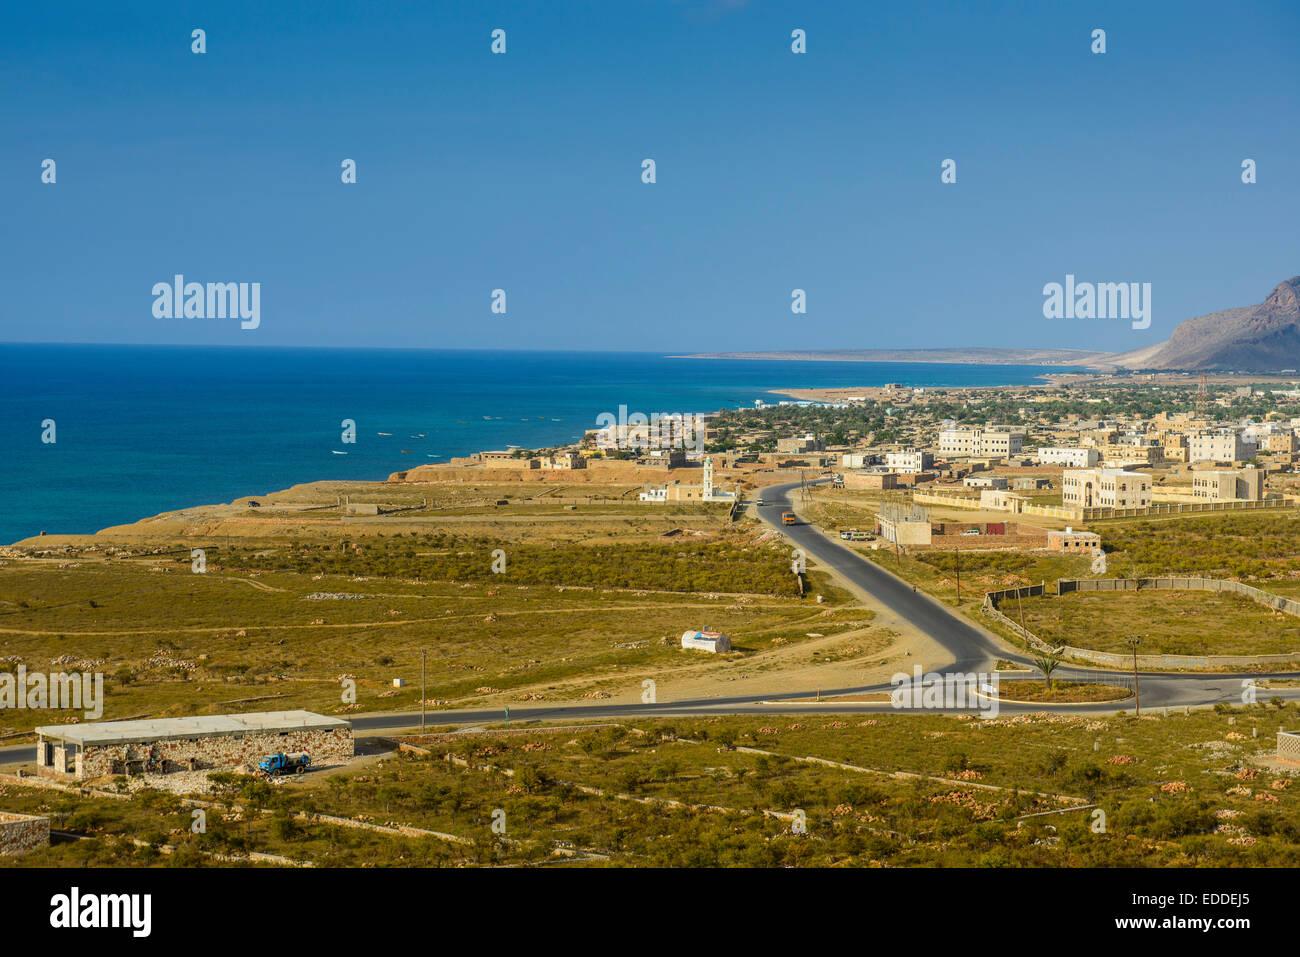 Coastline, Hadibu, island of Socotra, Yemen - Stock Image